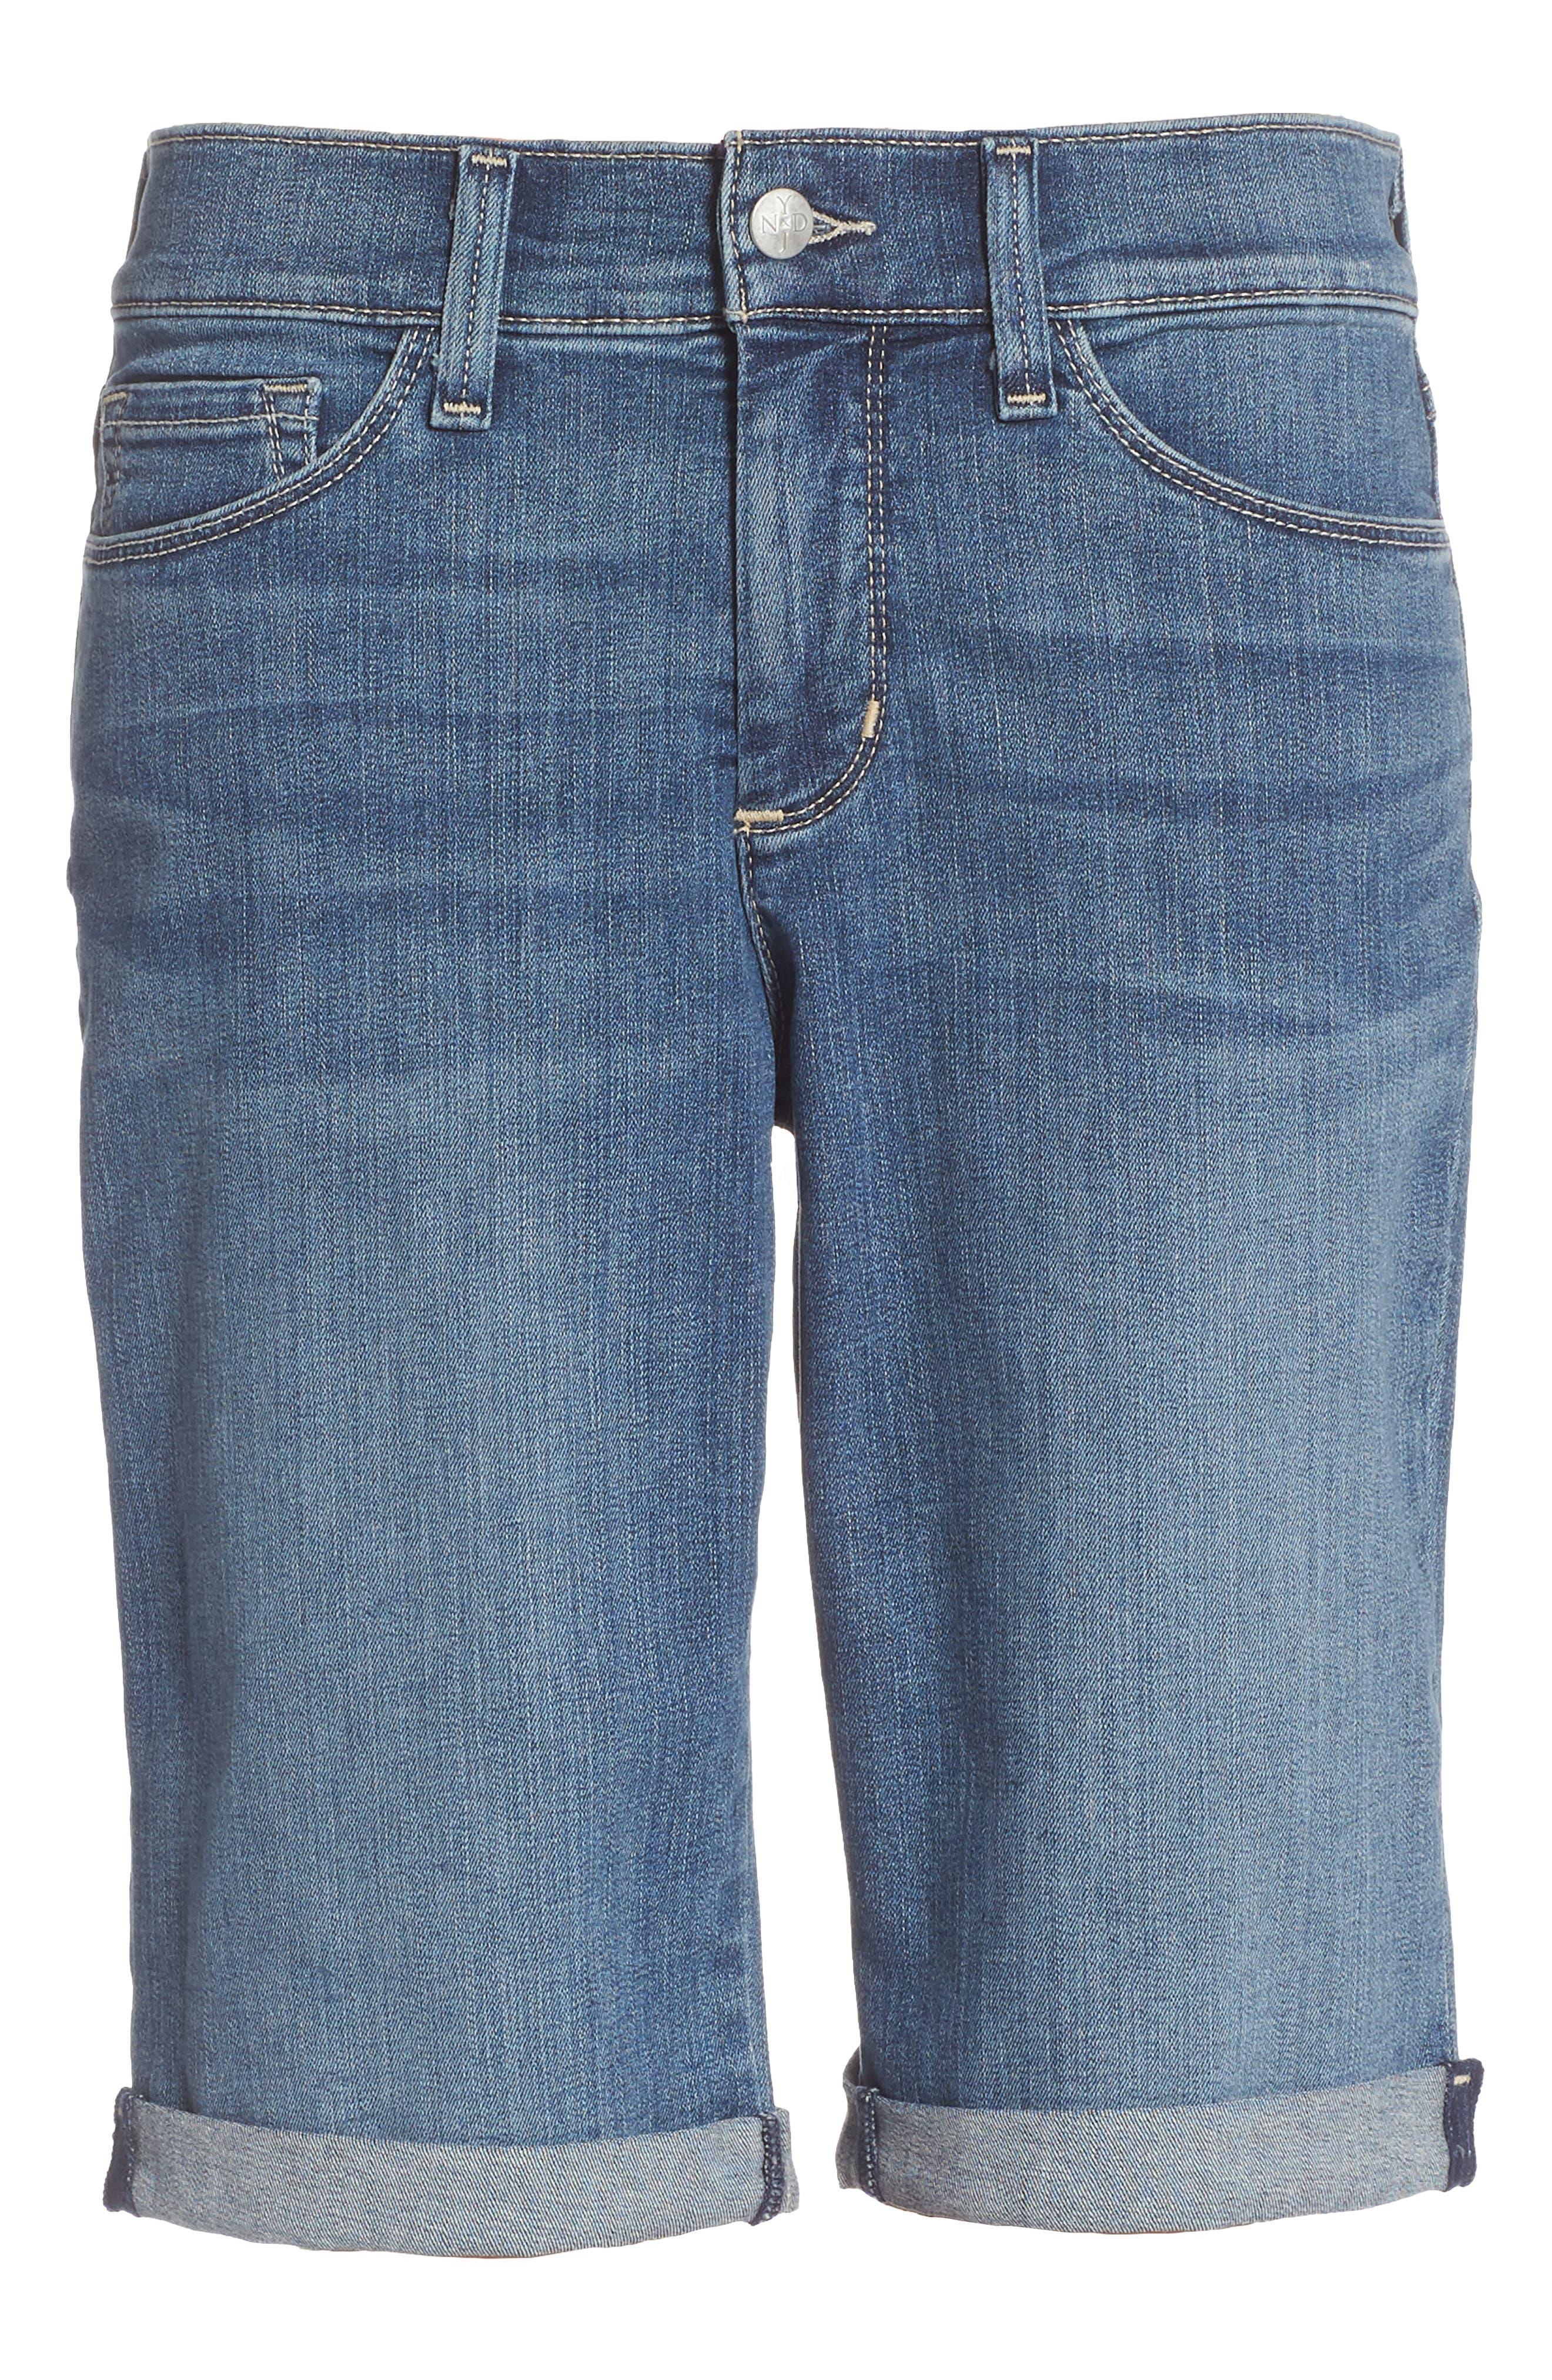 Briella Roll Cuff Stretch Denim Shorts,                         Main,                         color, 421